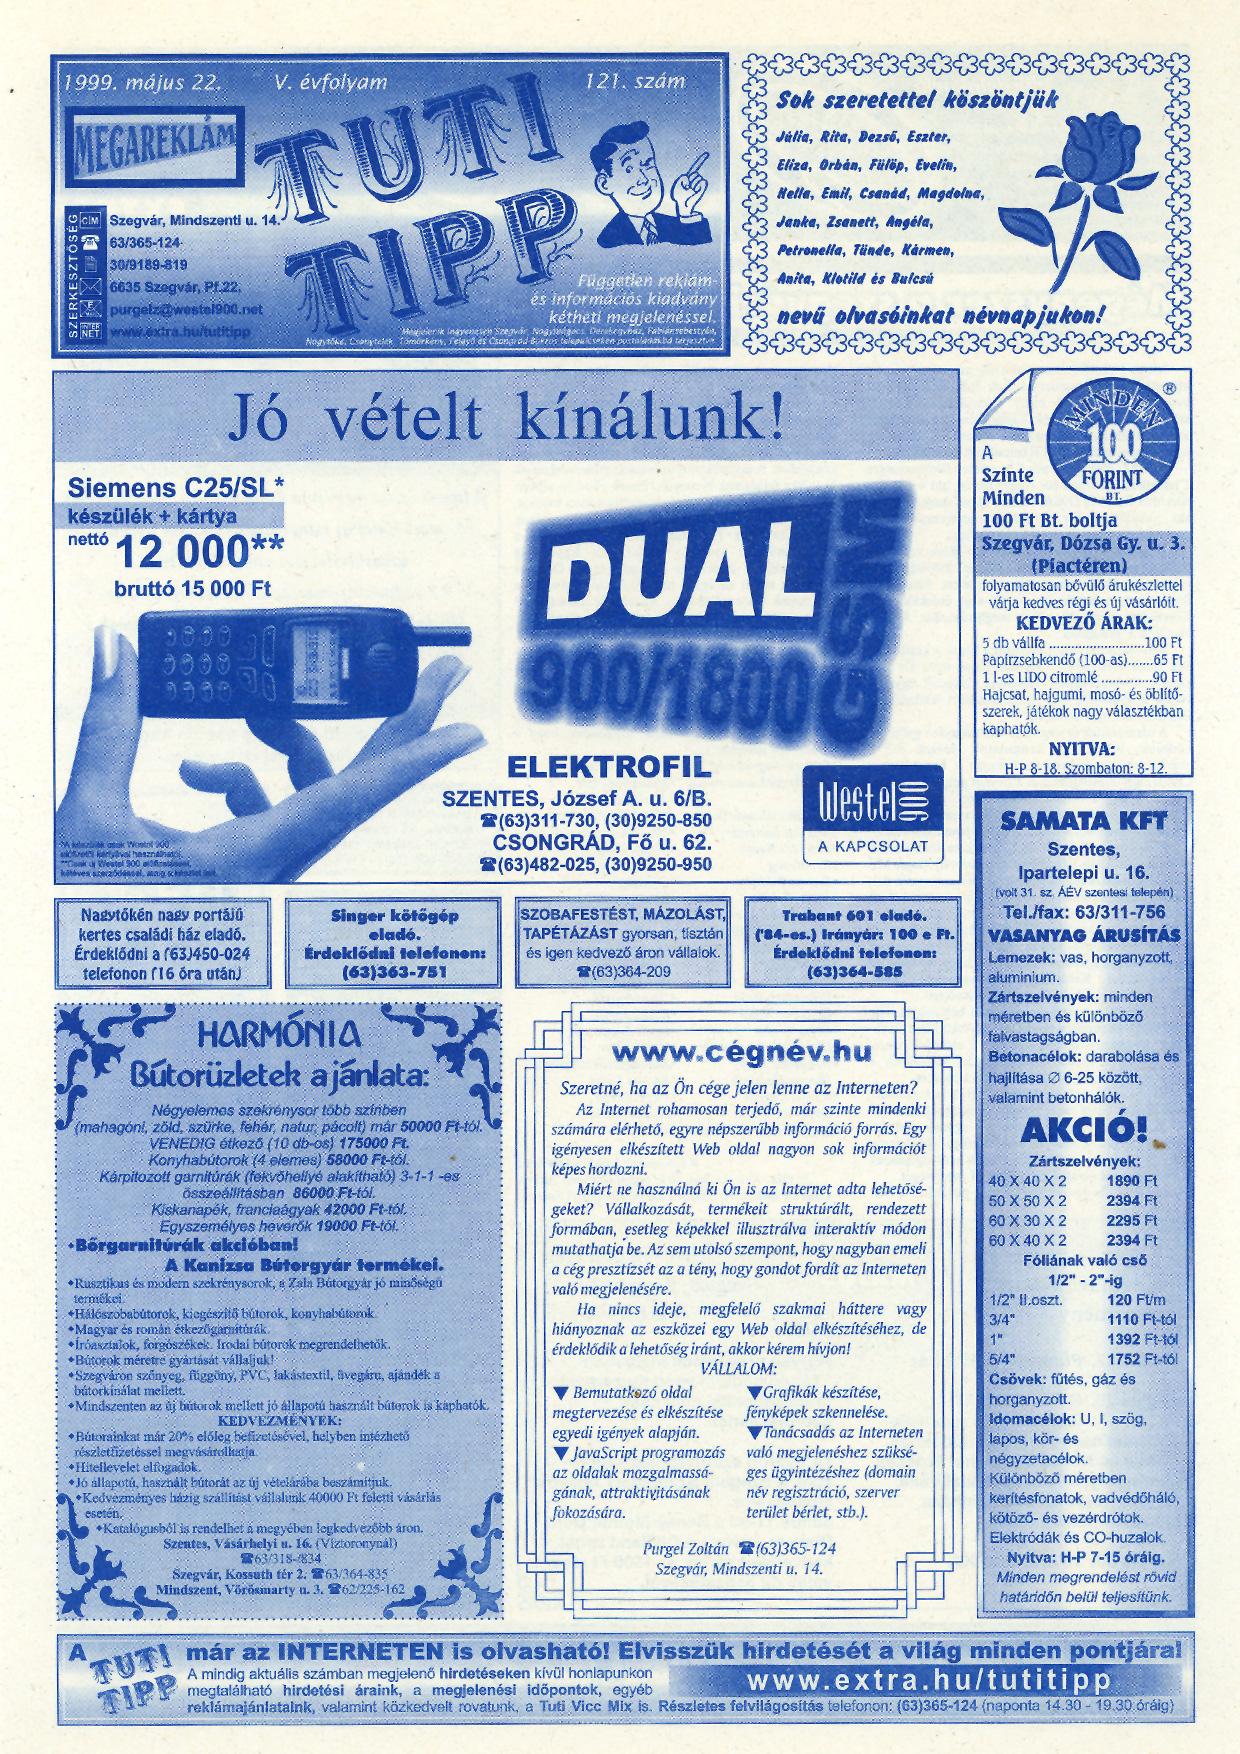 019 Tuti Tipp reklámújság - 19990522-121. lapszám - 1.oldal - V. évfolyam.jpg